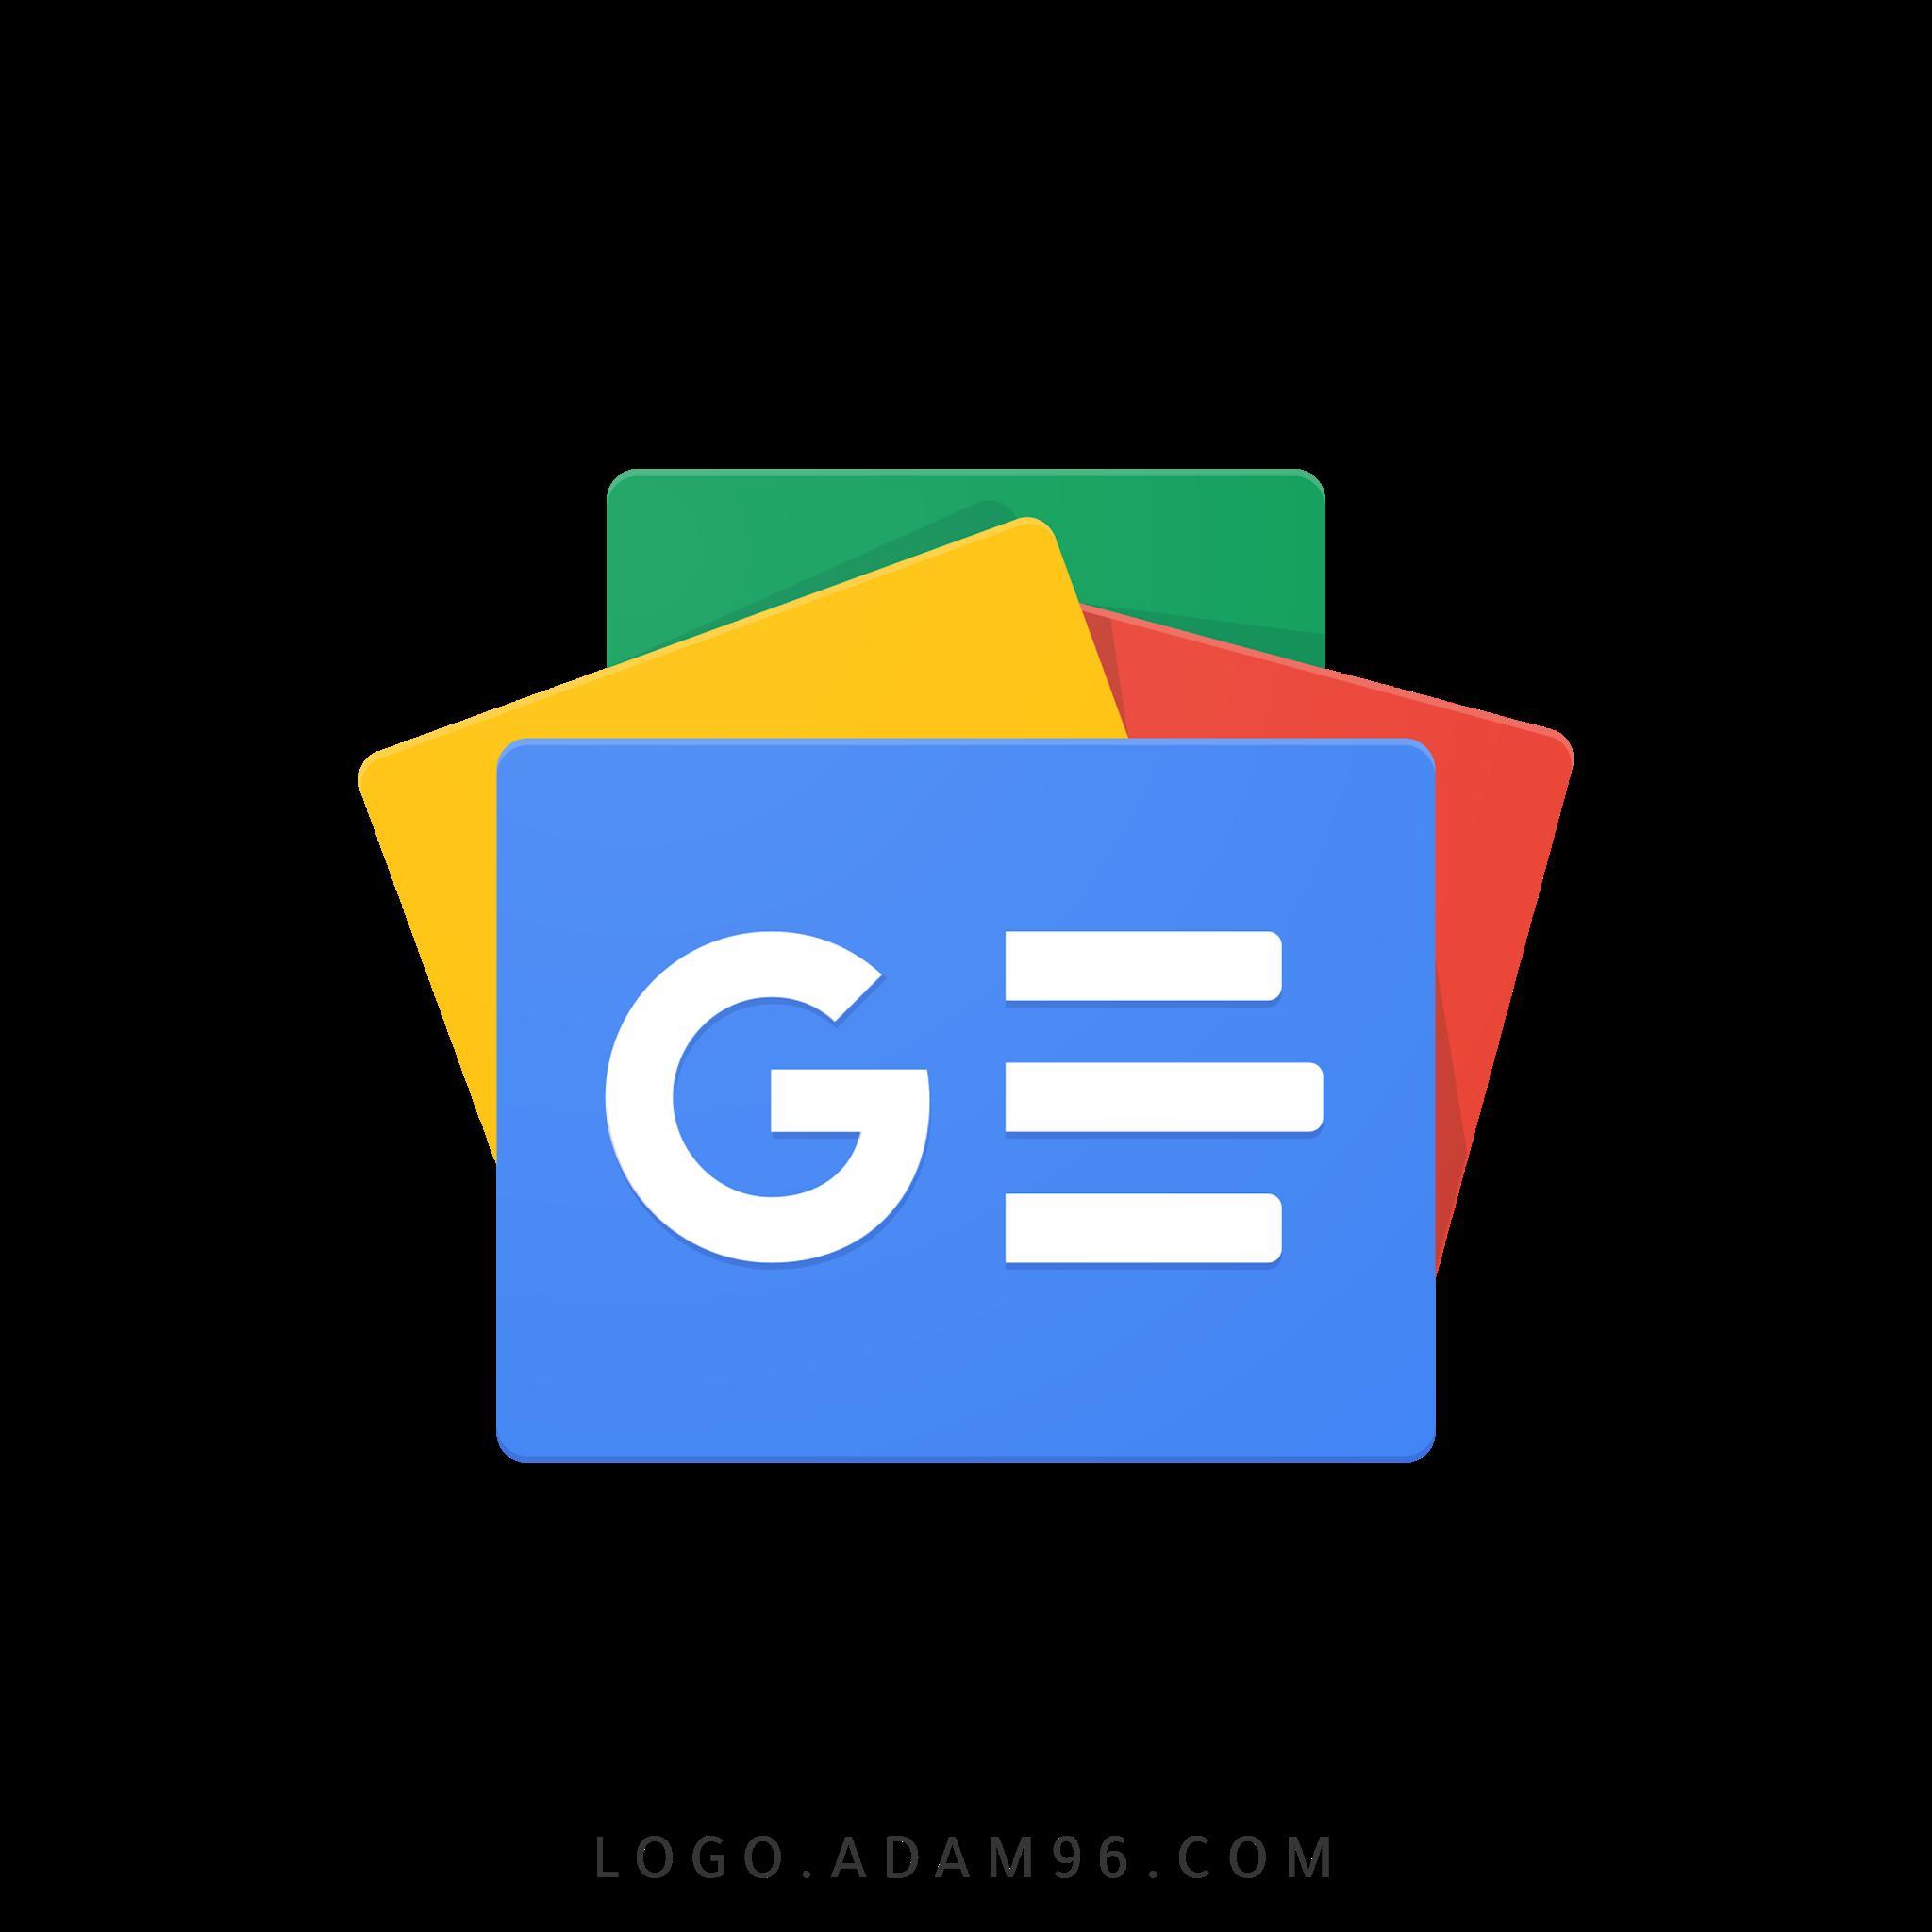 تحميل شعار اخبار جوجل لوجو رسمي عالي دقة بصيغة شفافة PNG